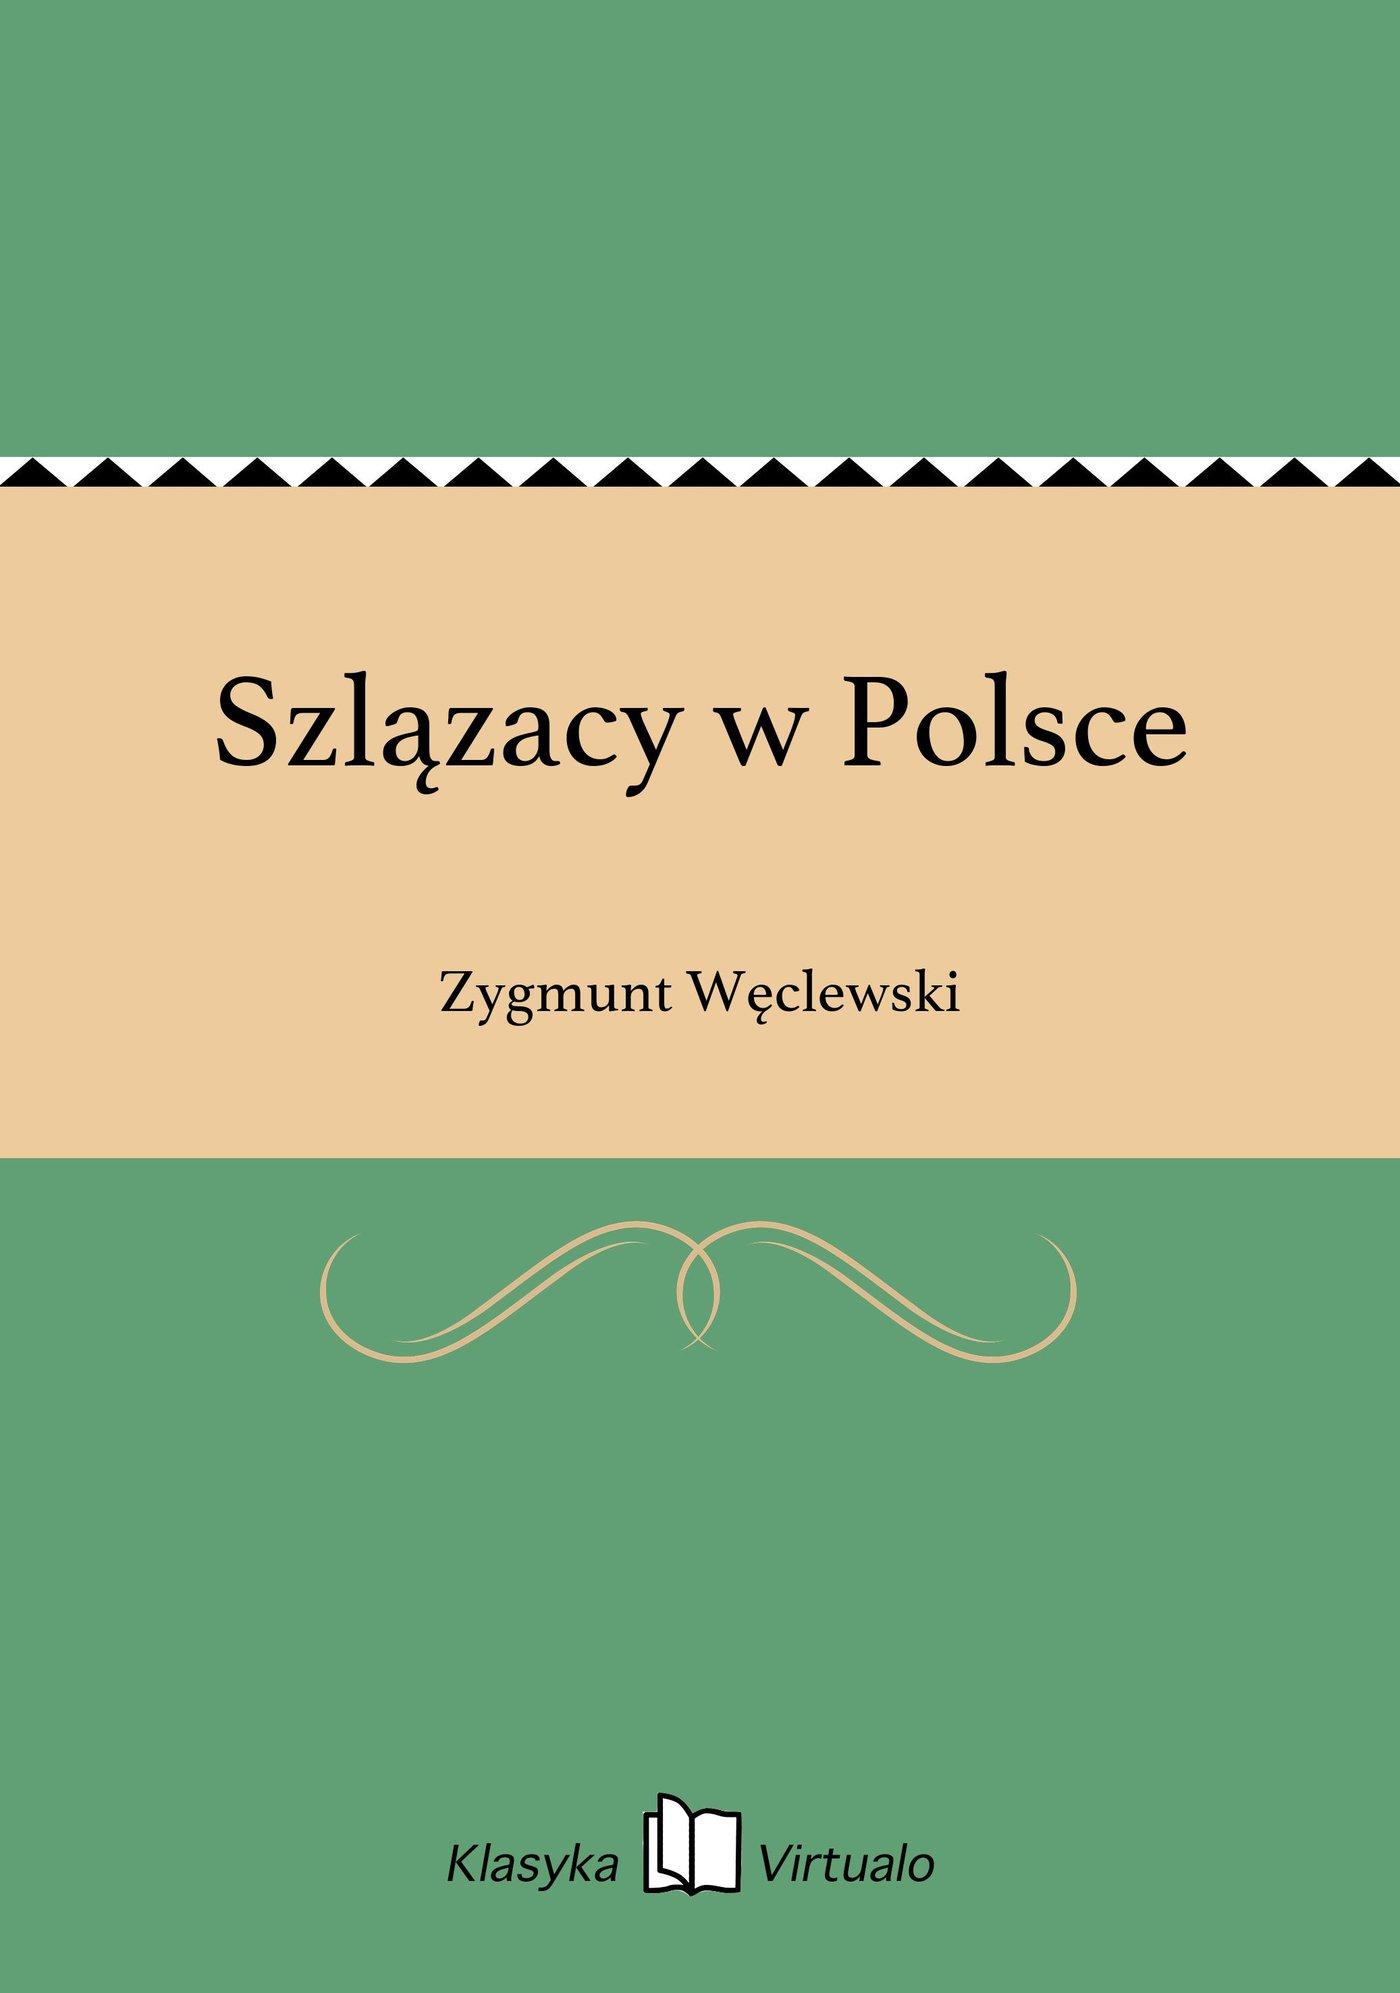 Szlązacy w Polsce - Ebook (Książka EPUB) do pobrania w formacie EPUB